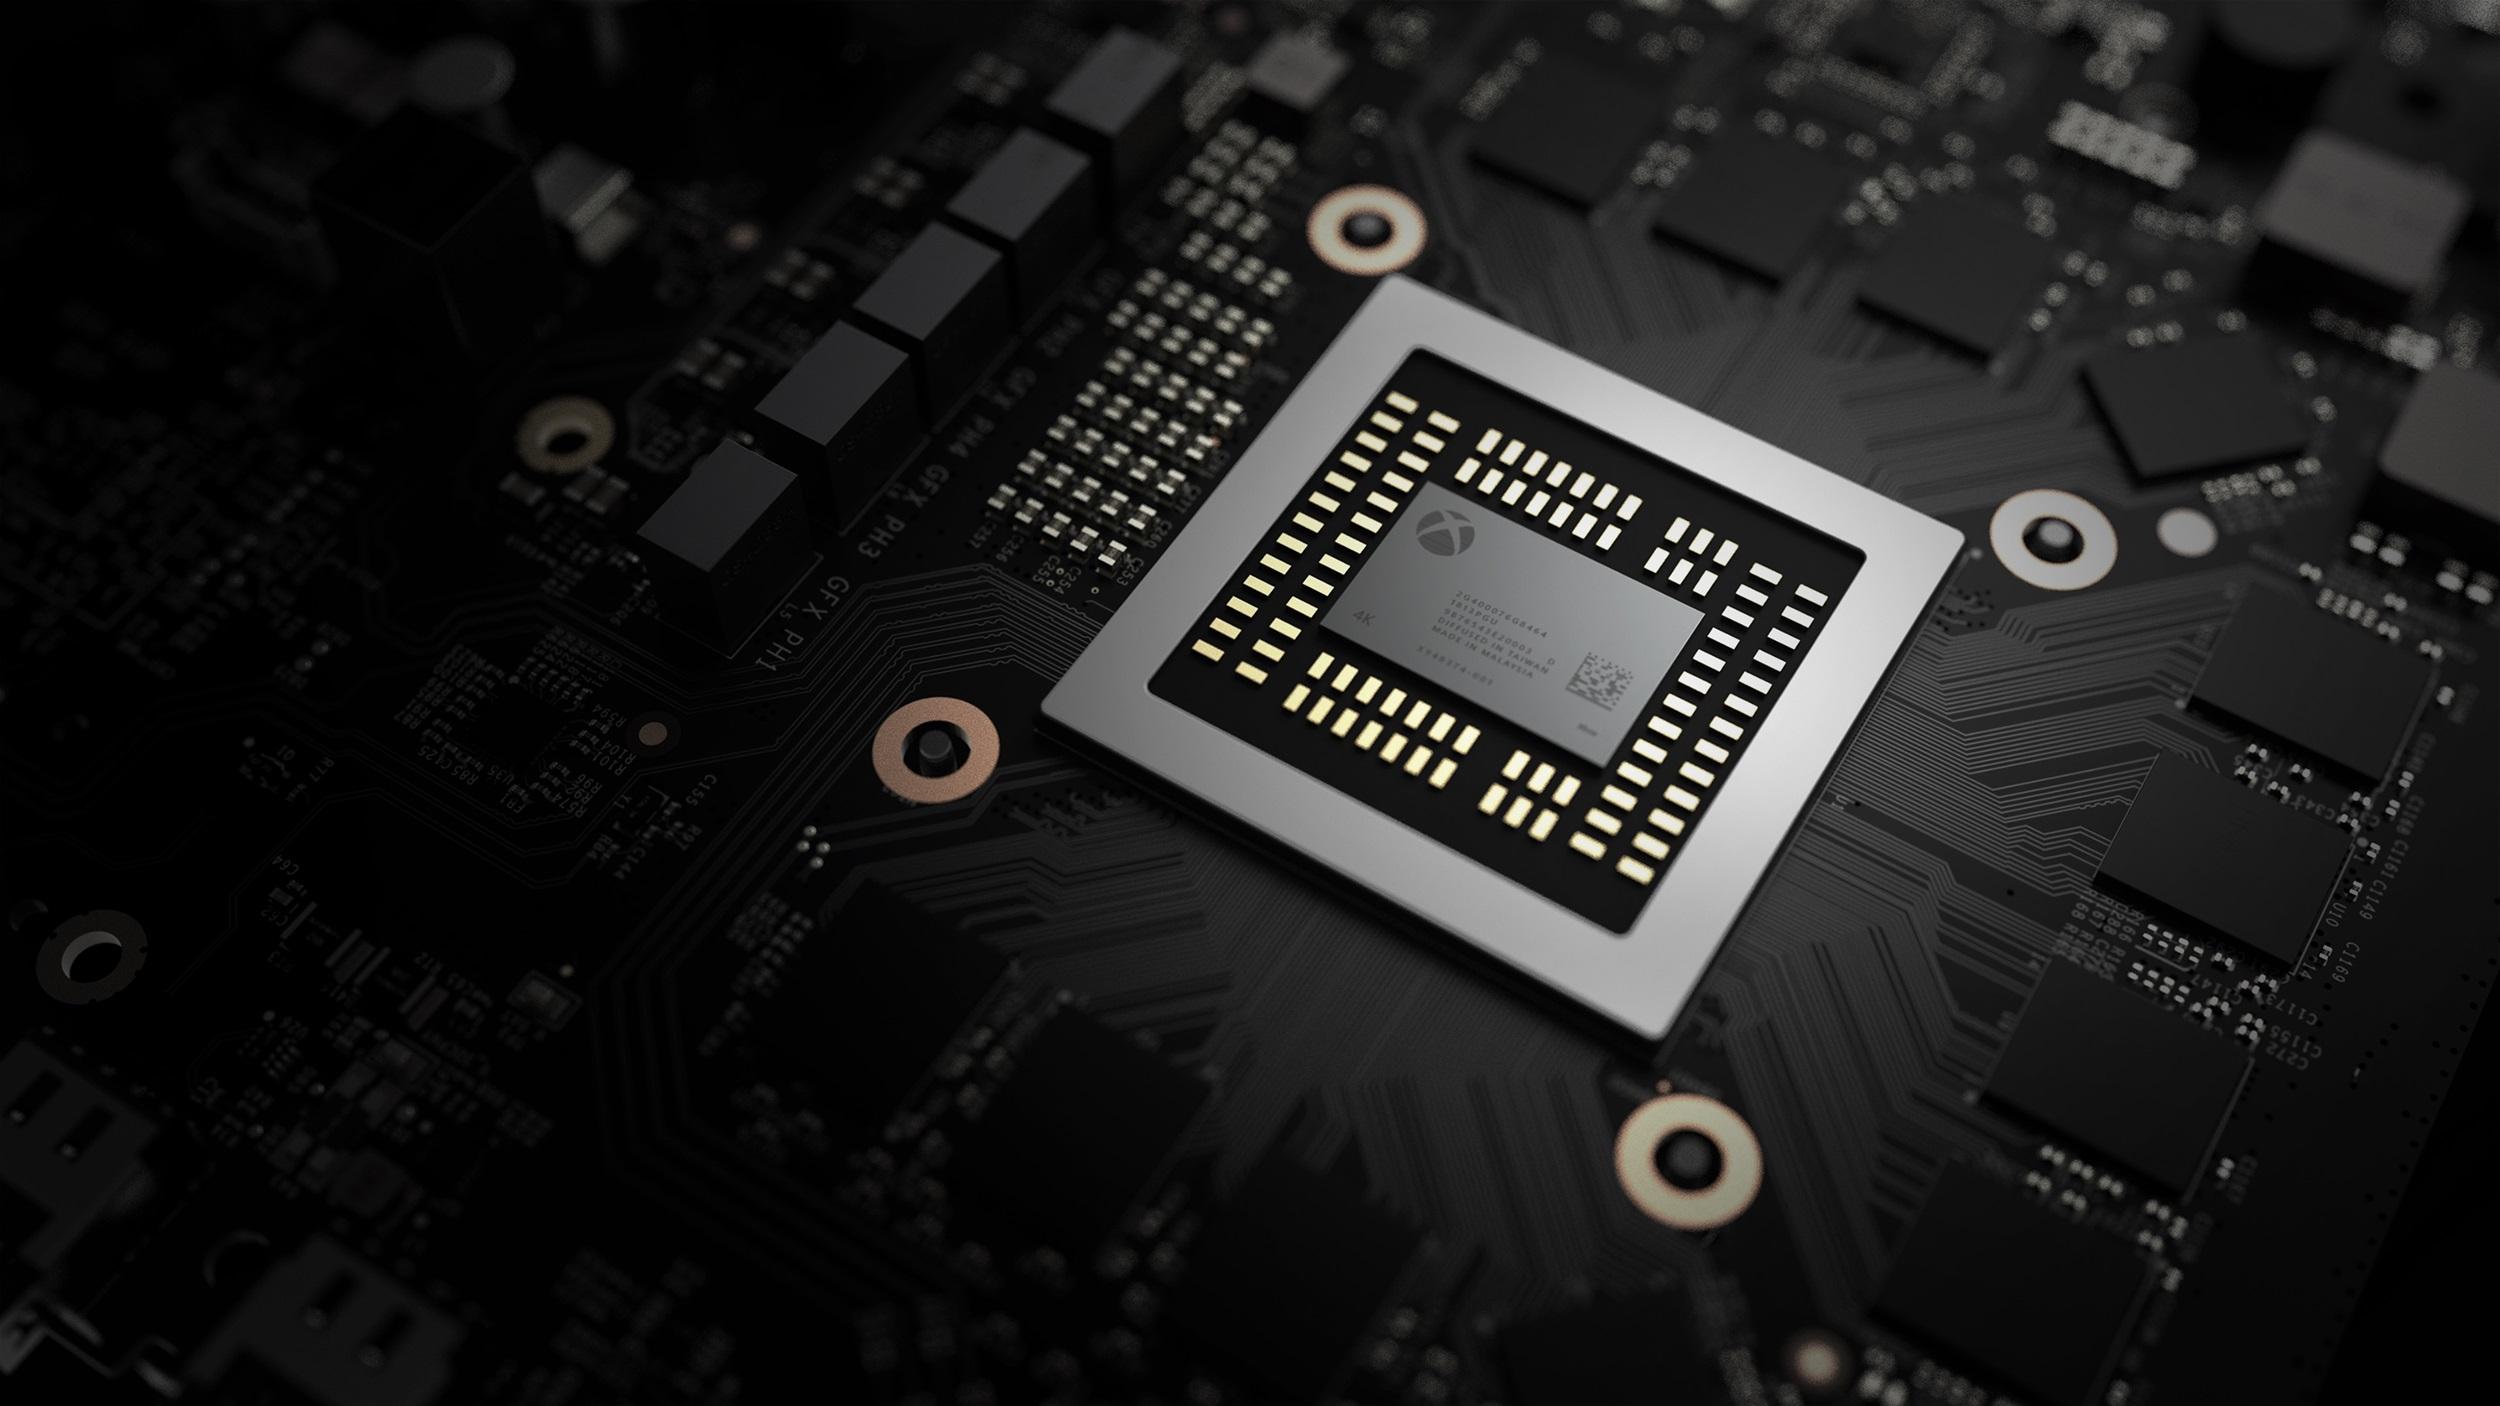 传闻:下一代Xbox将采用7nm工艺芯片 目标4K60帧